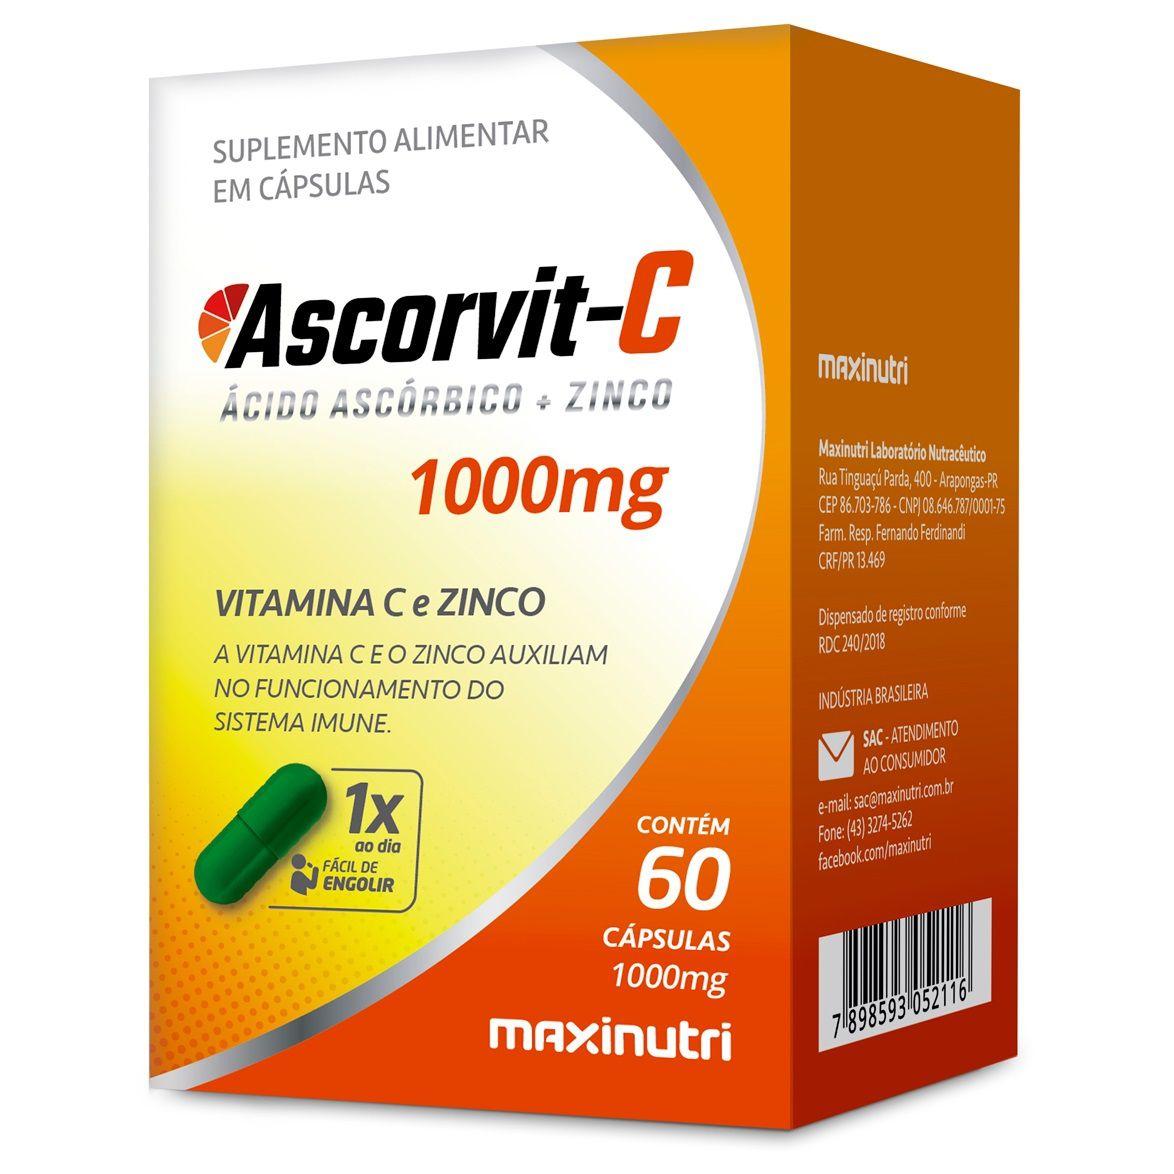 Ascorvit-C Vitamina C 1000mg 60 Cápsulas Maxinutri